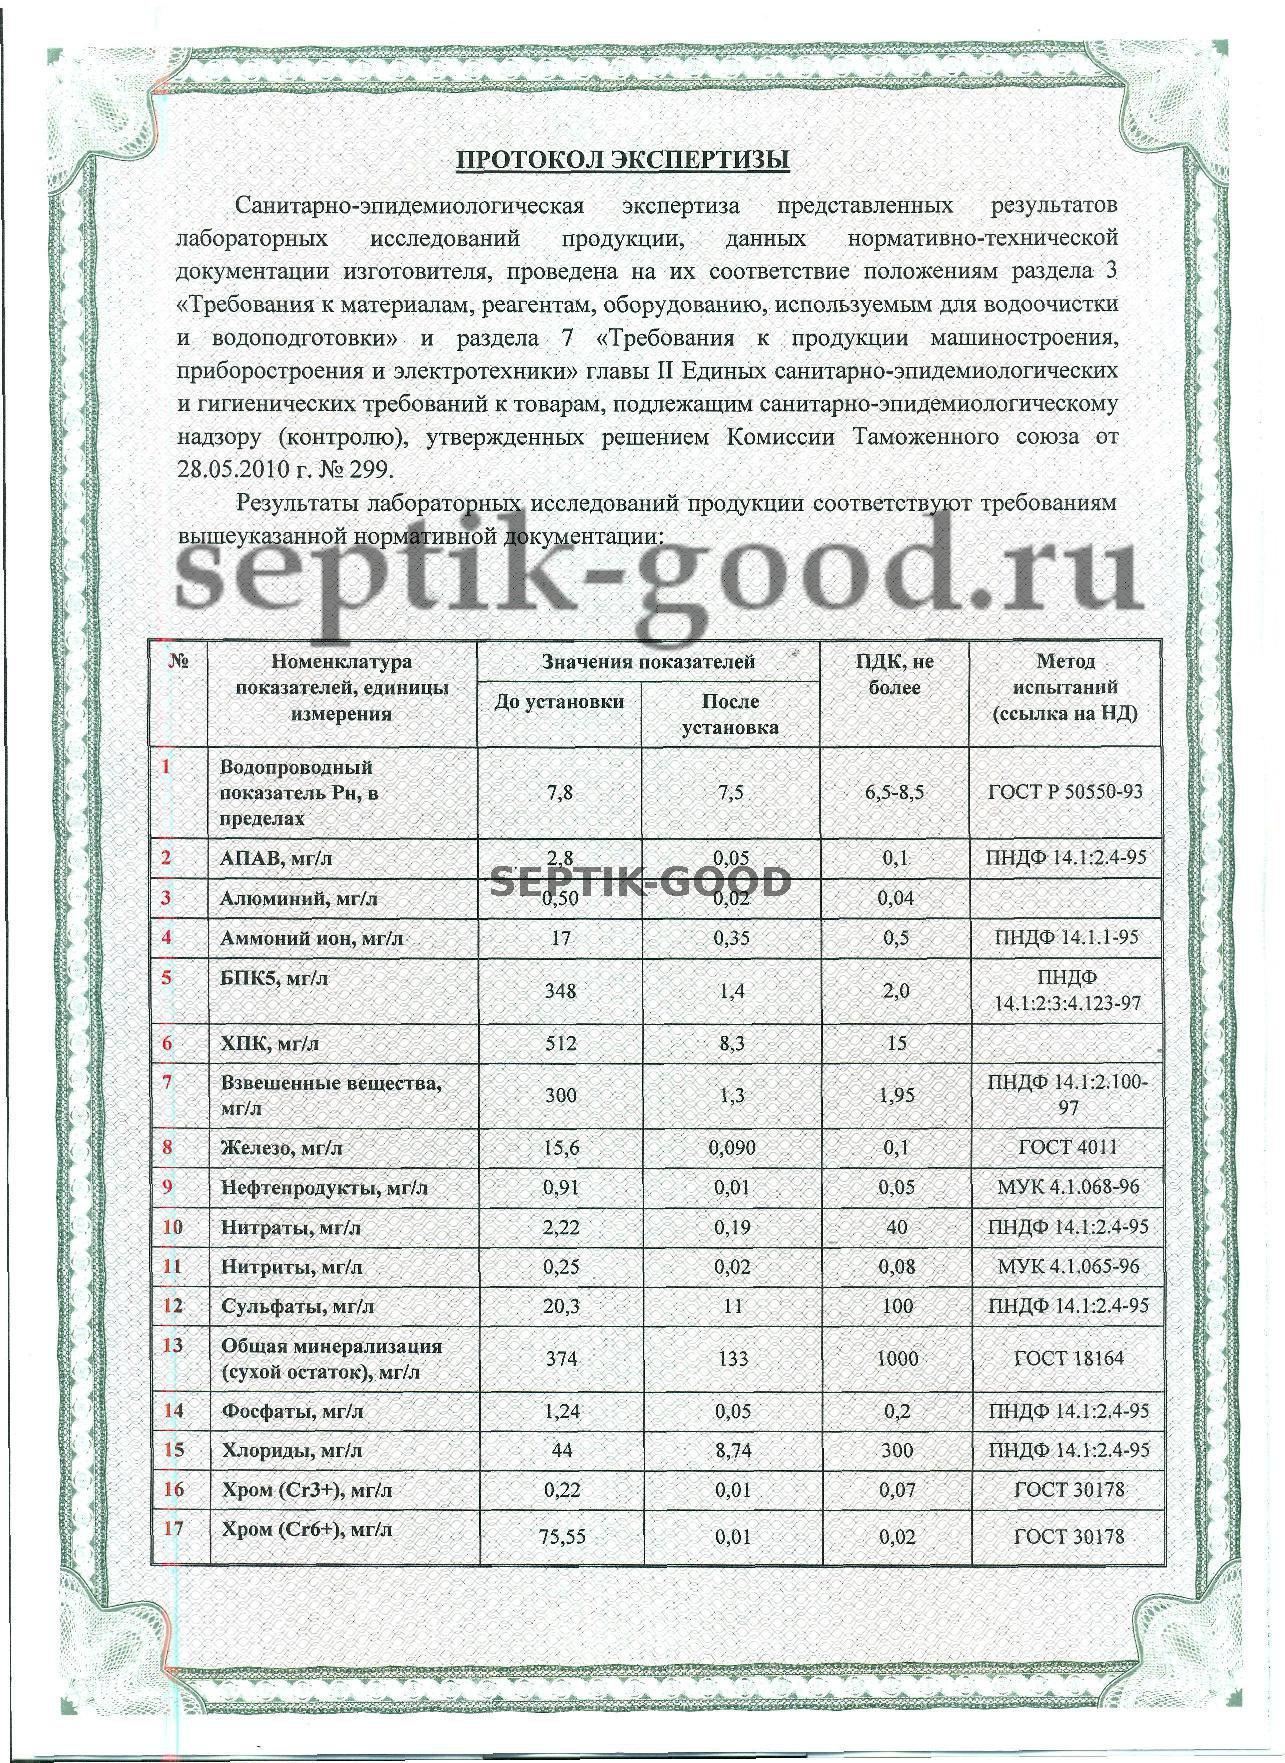 Сертификат Оникс